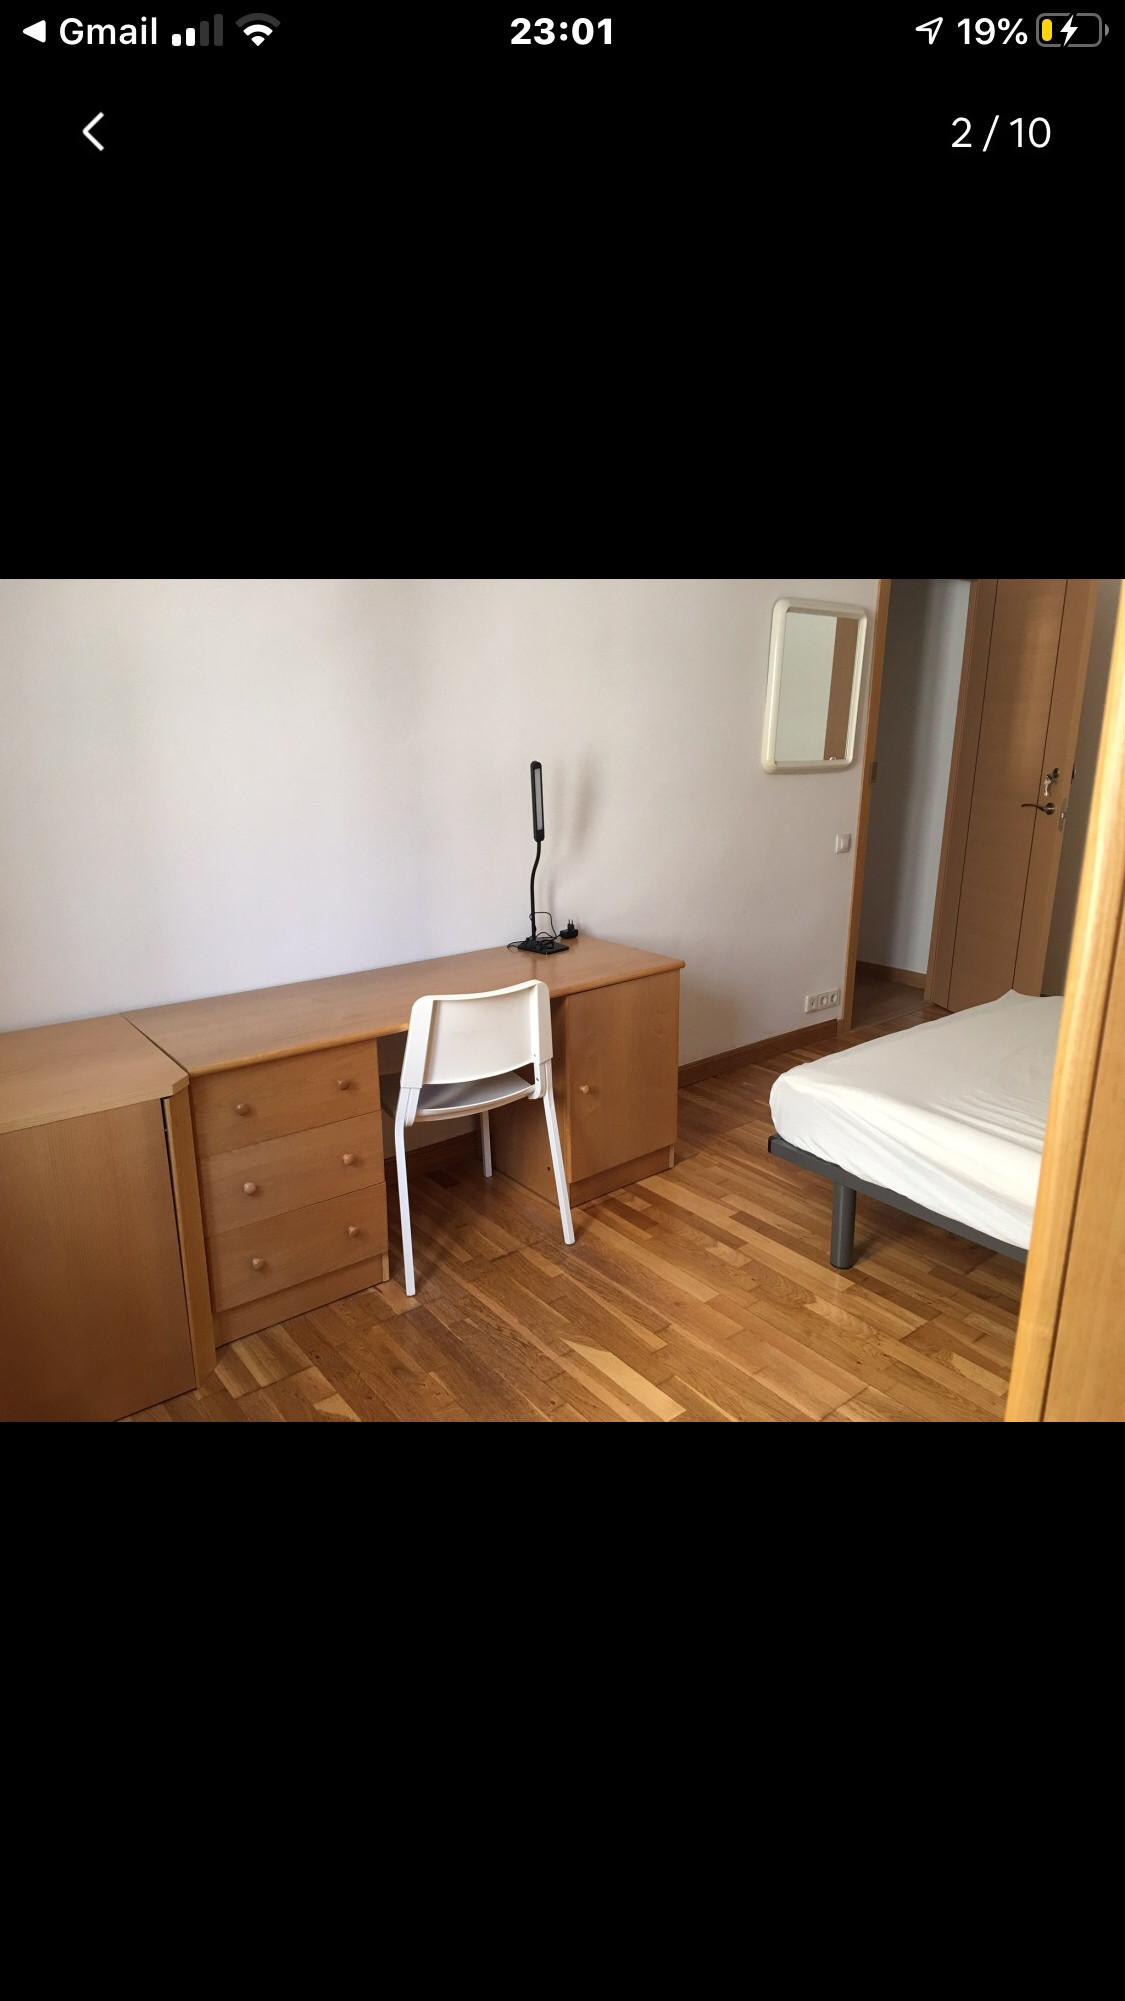 Room A es muy amplio y silencio limpio recen renov